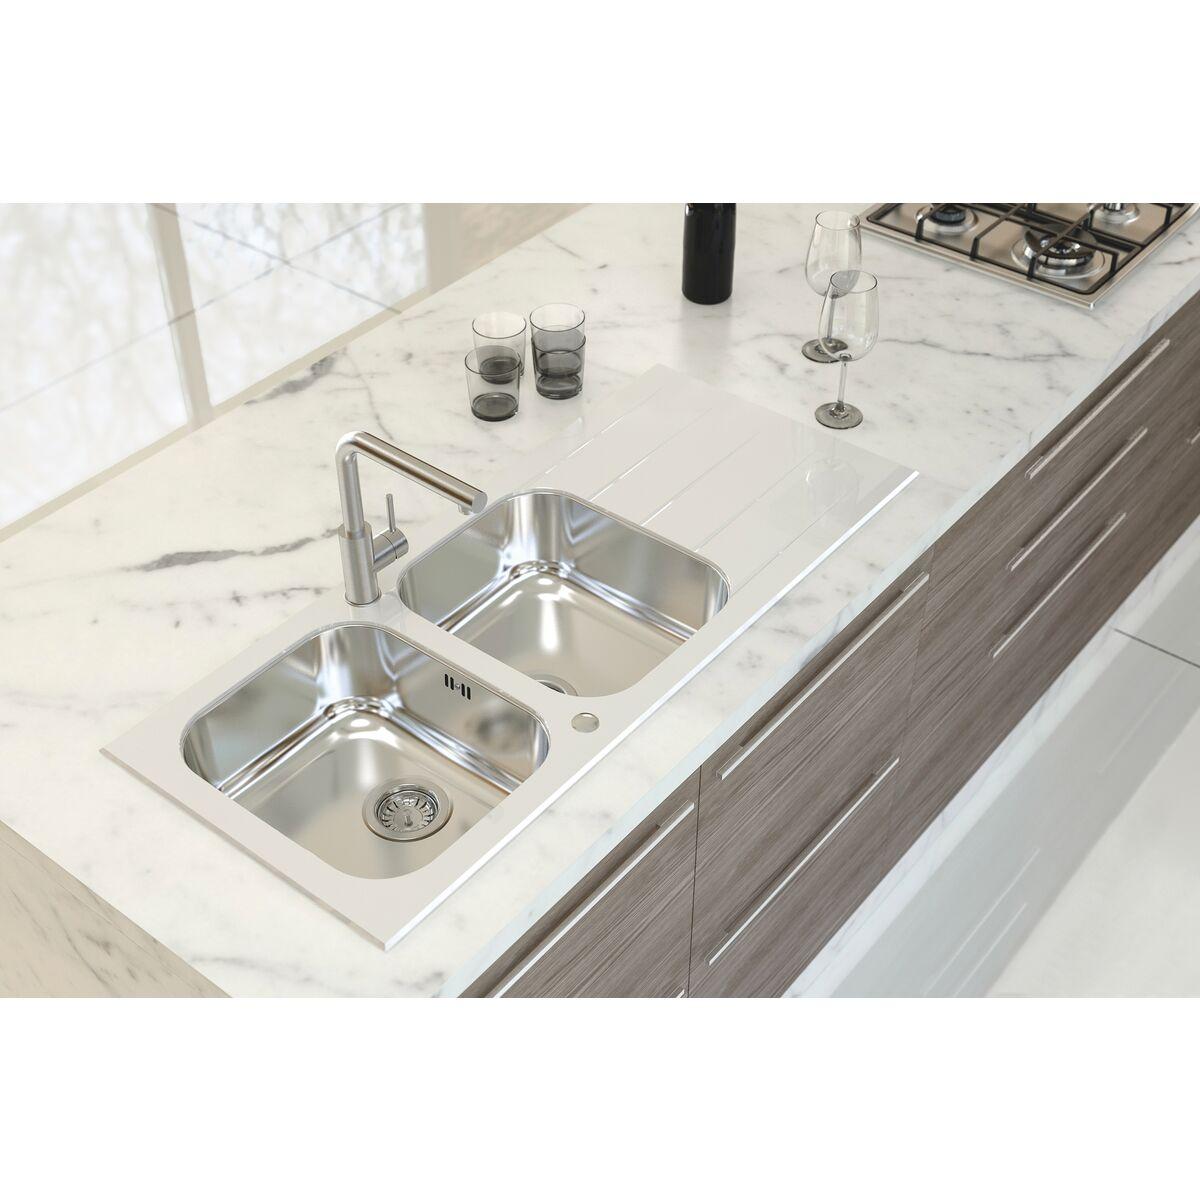 Fregadero de empotrar Tramontina 2 cubetas de acero inoxidable y vidrio  templado blanco c5acd34d4434